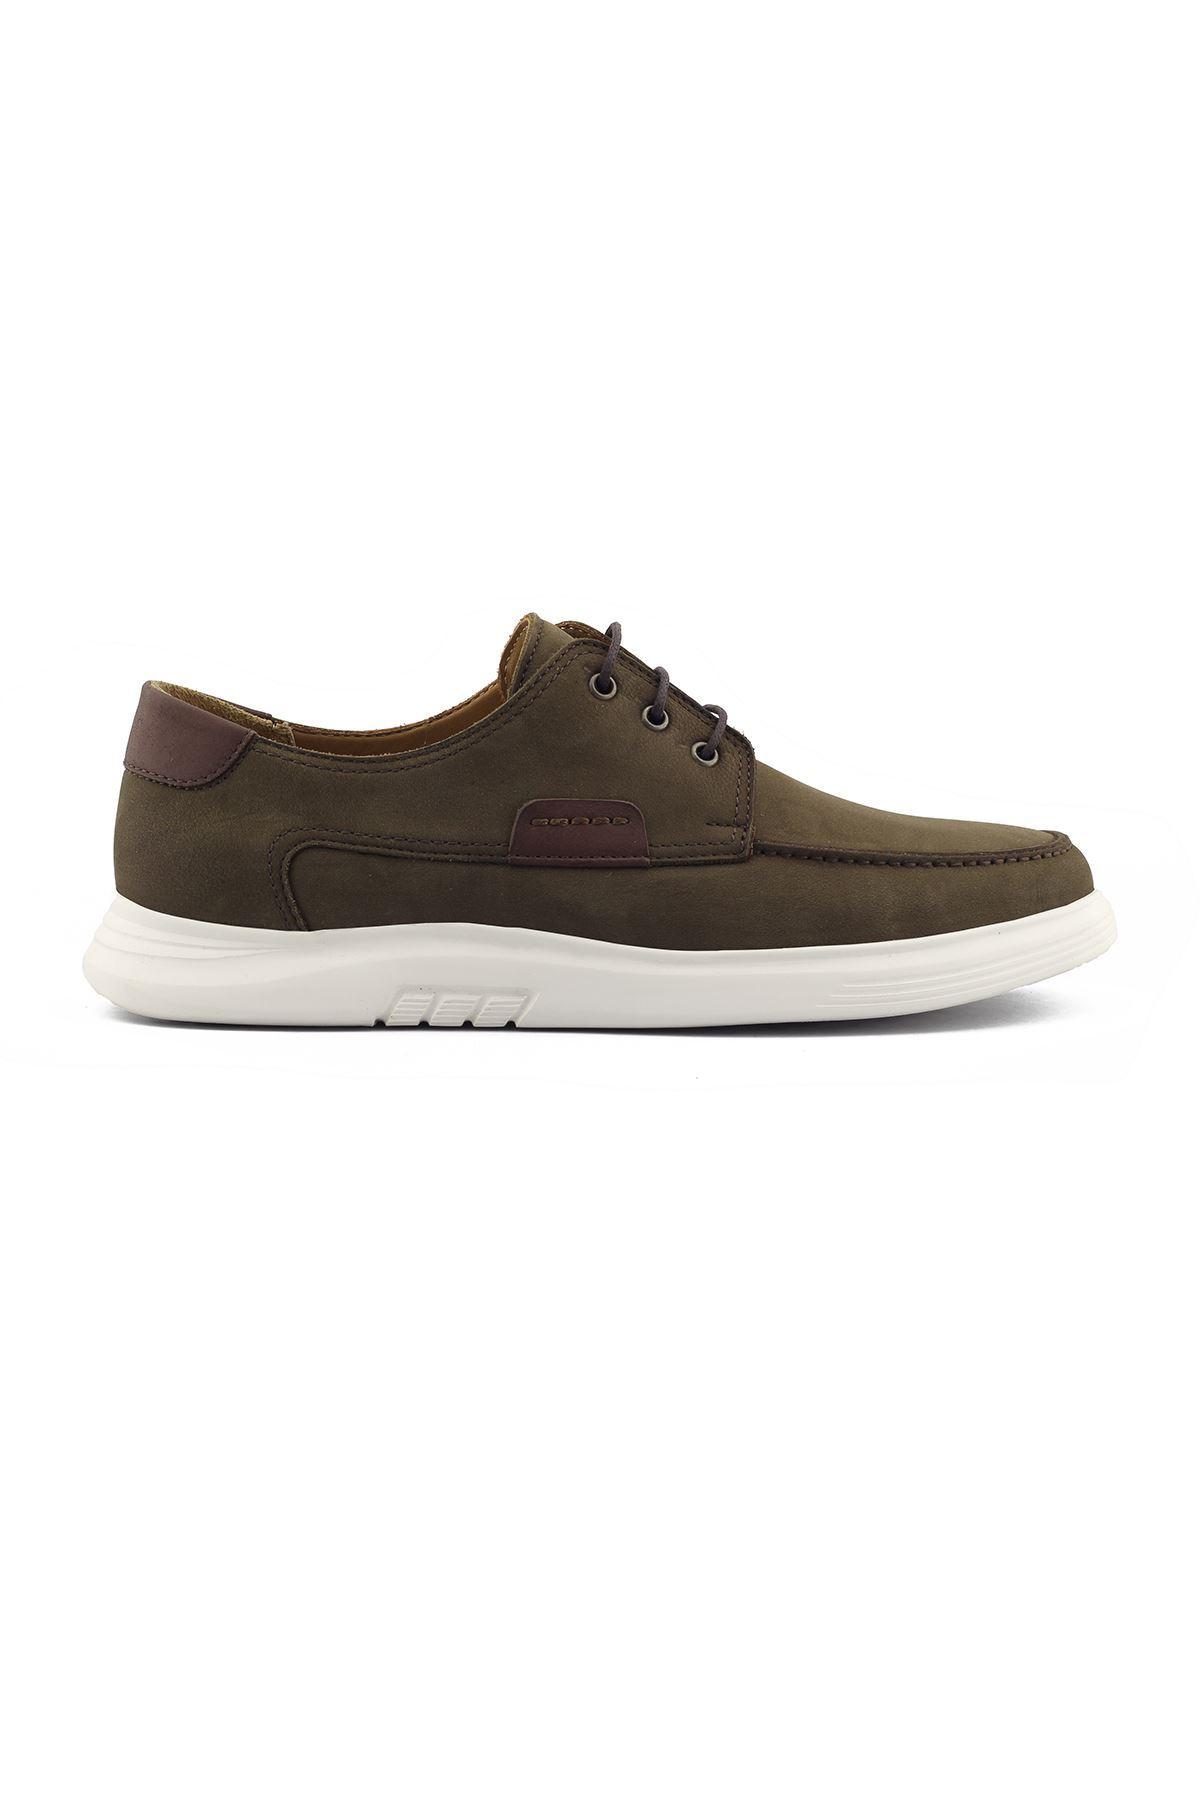 2101 Nubuk Haki Stil Erkek Ayakkabı